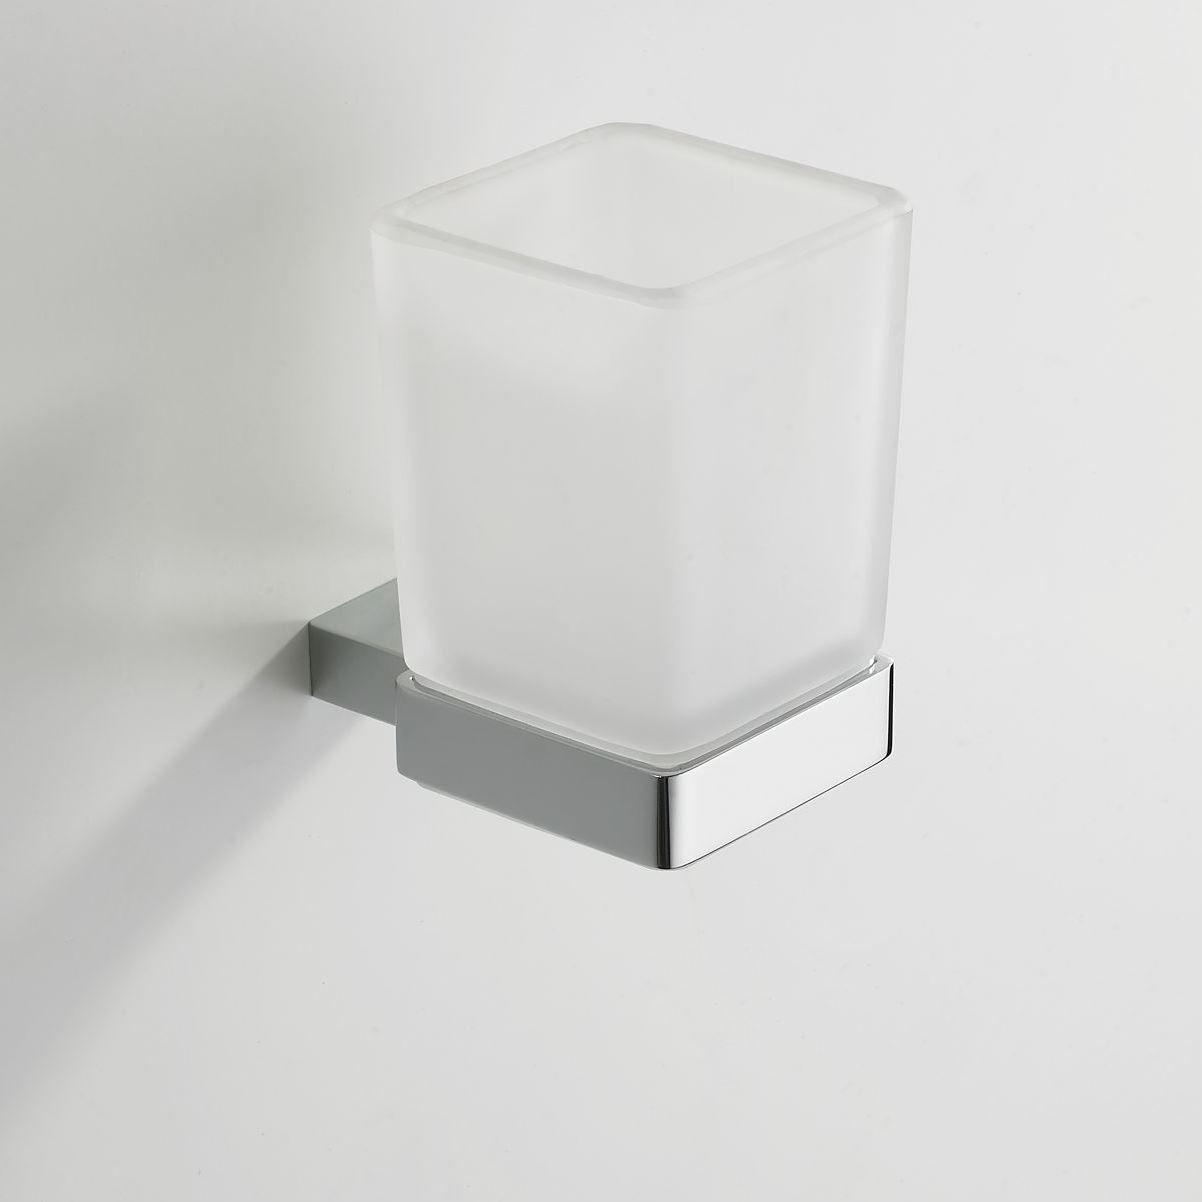 Eris glashouder / bekerhouder met glas chroom